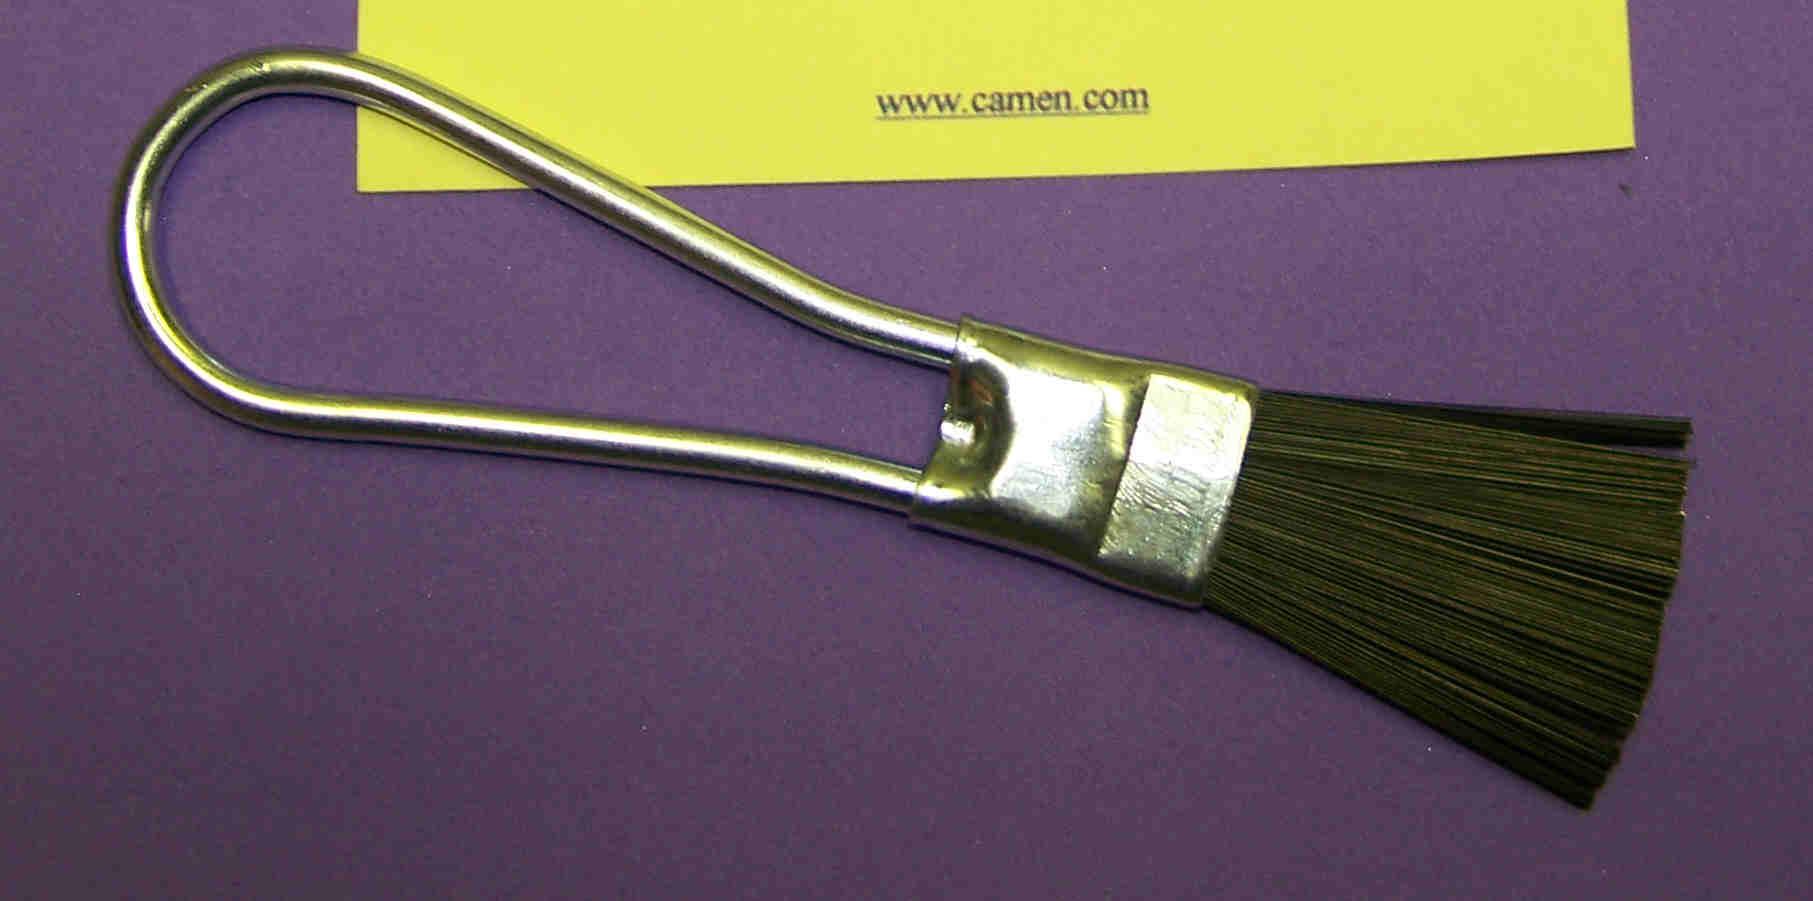 Braid/chassis brush